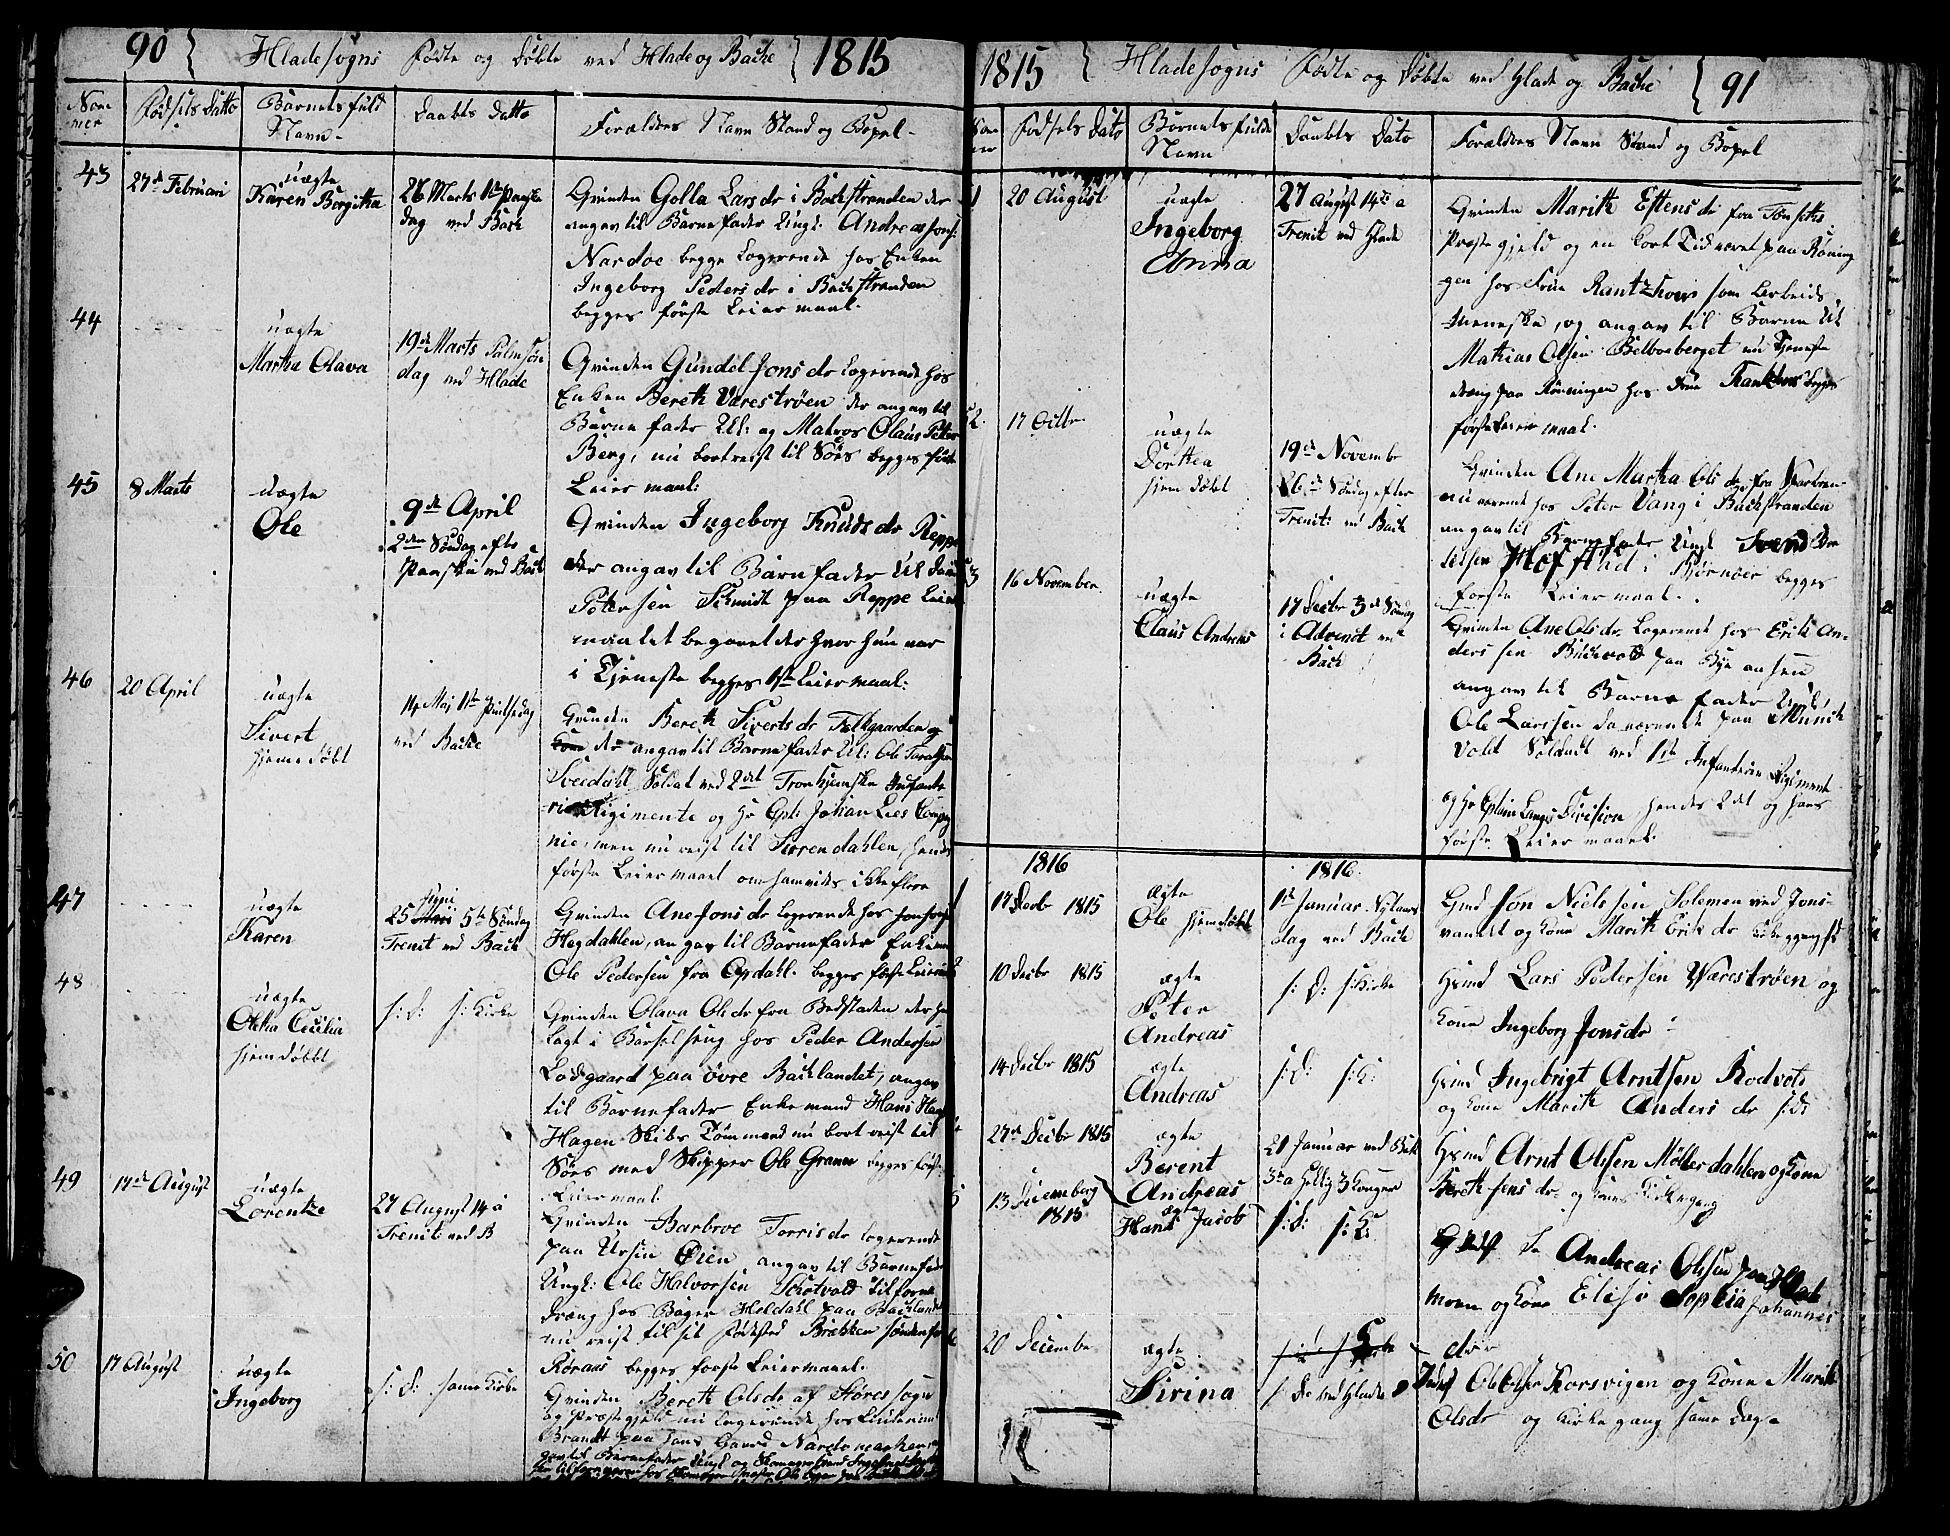 SAT, Ministerialprotokoller, klokkerbøker og fødselsregistre - Sør-Trøndelag, 606/L0306: Klokkerbok nr. 606C02, 1797-1829, s. 90-91